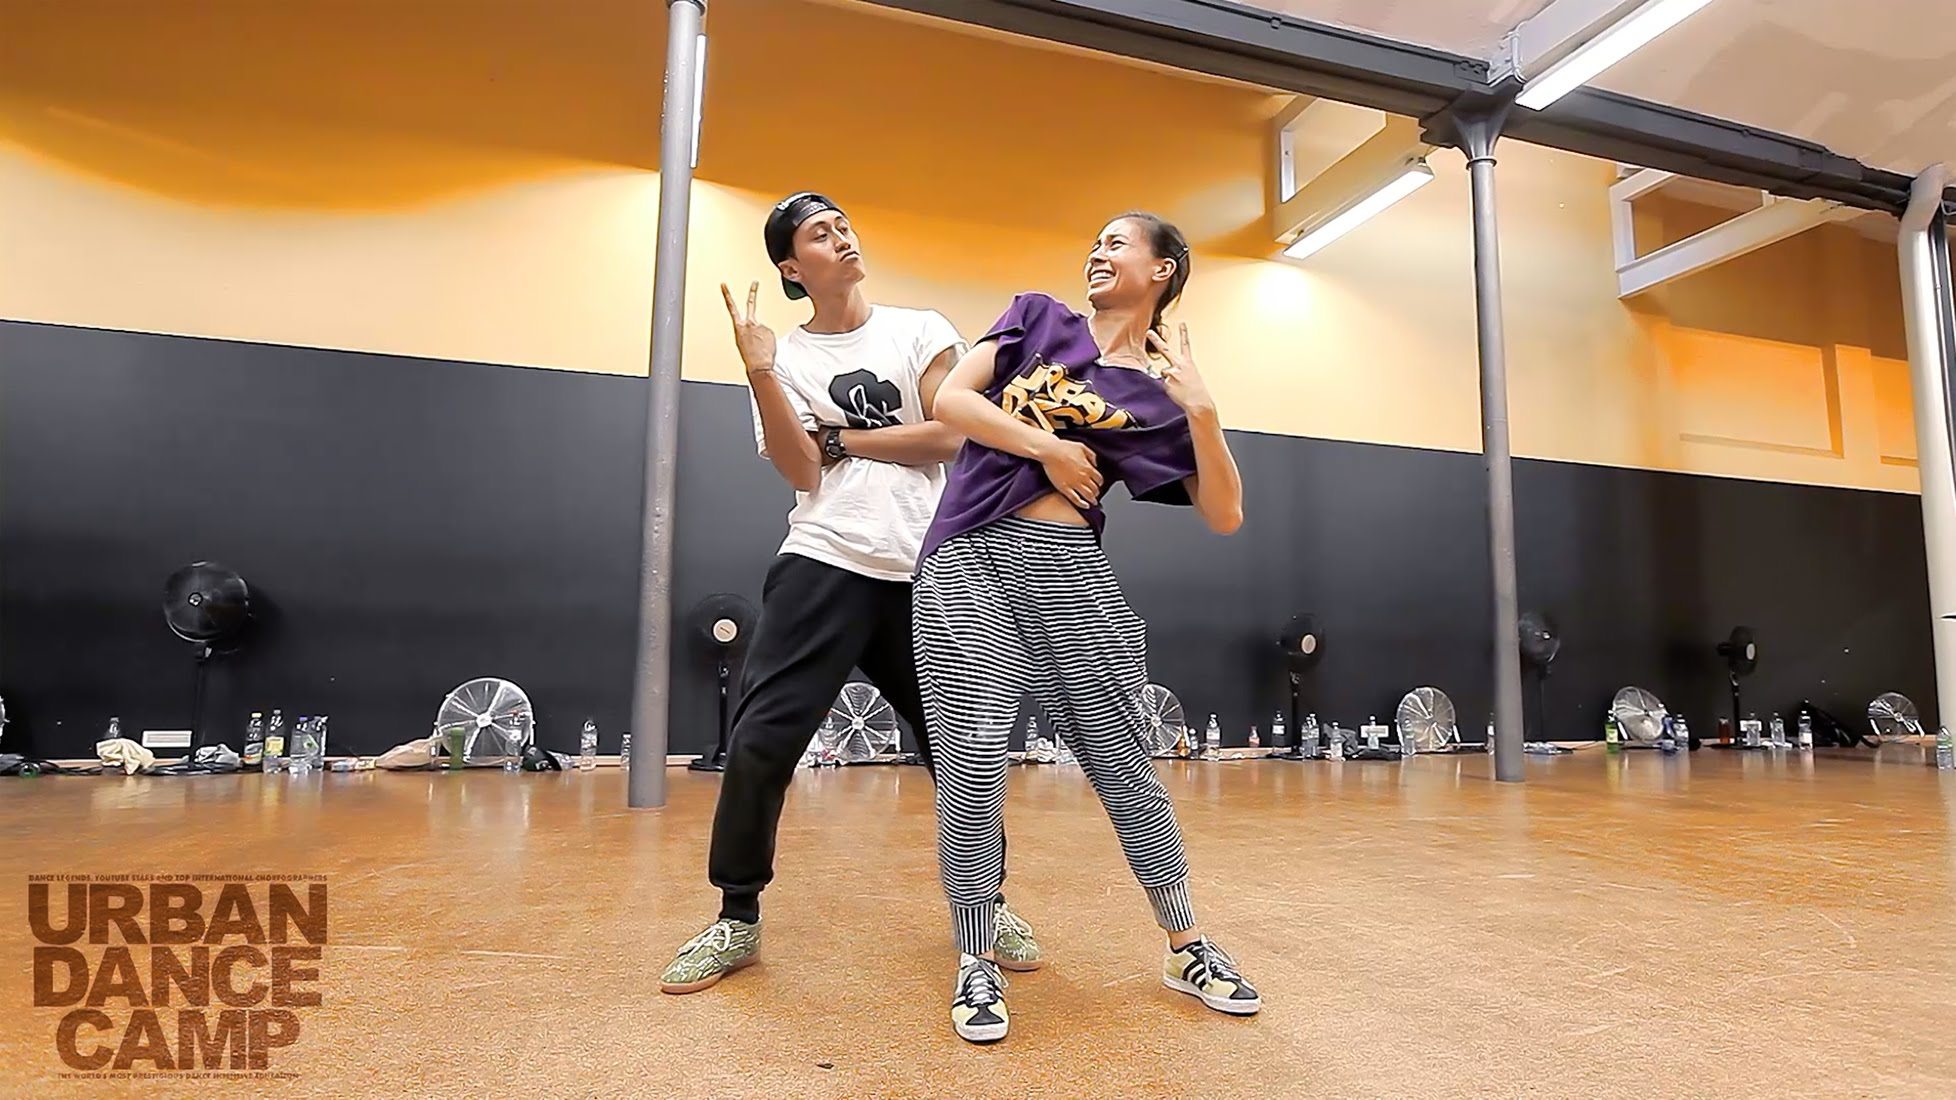 Dancing